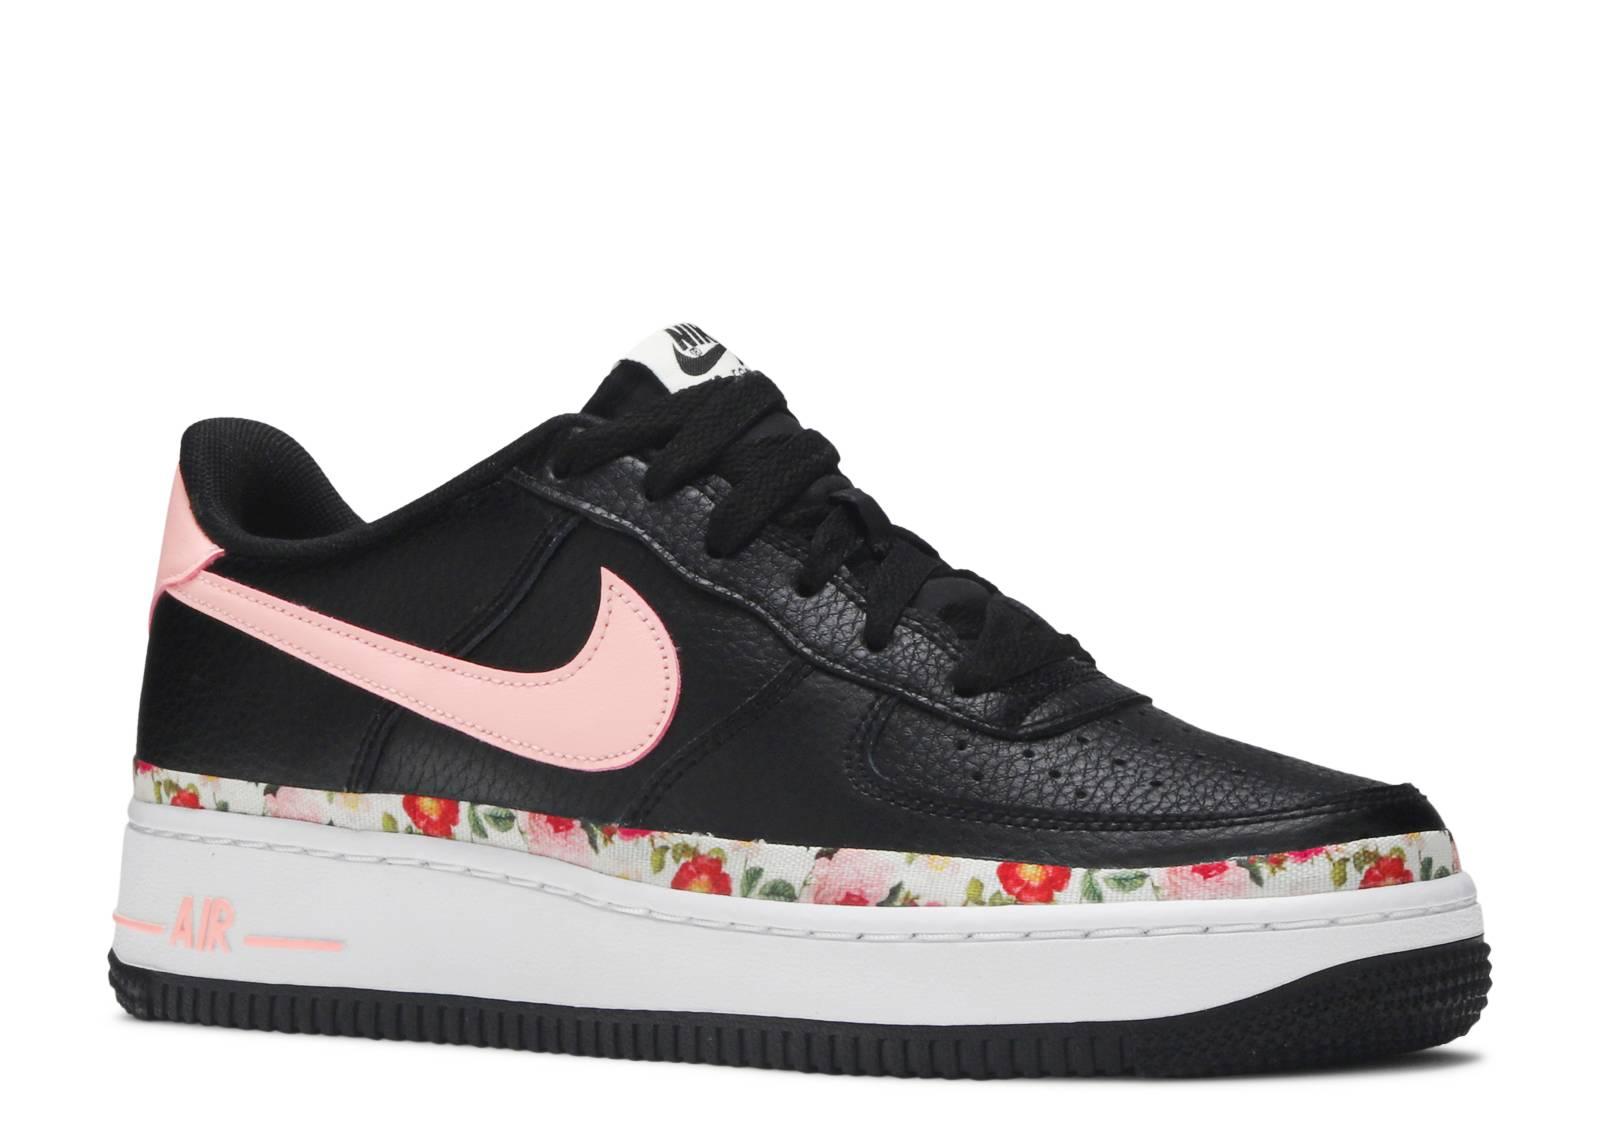 Nike Air Force 1 Vintage Floral Black Pink | BQ2501 001